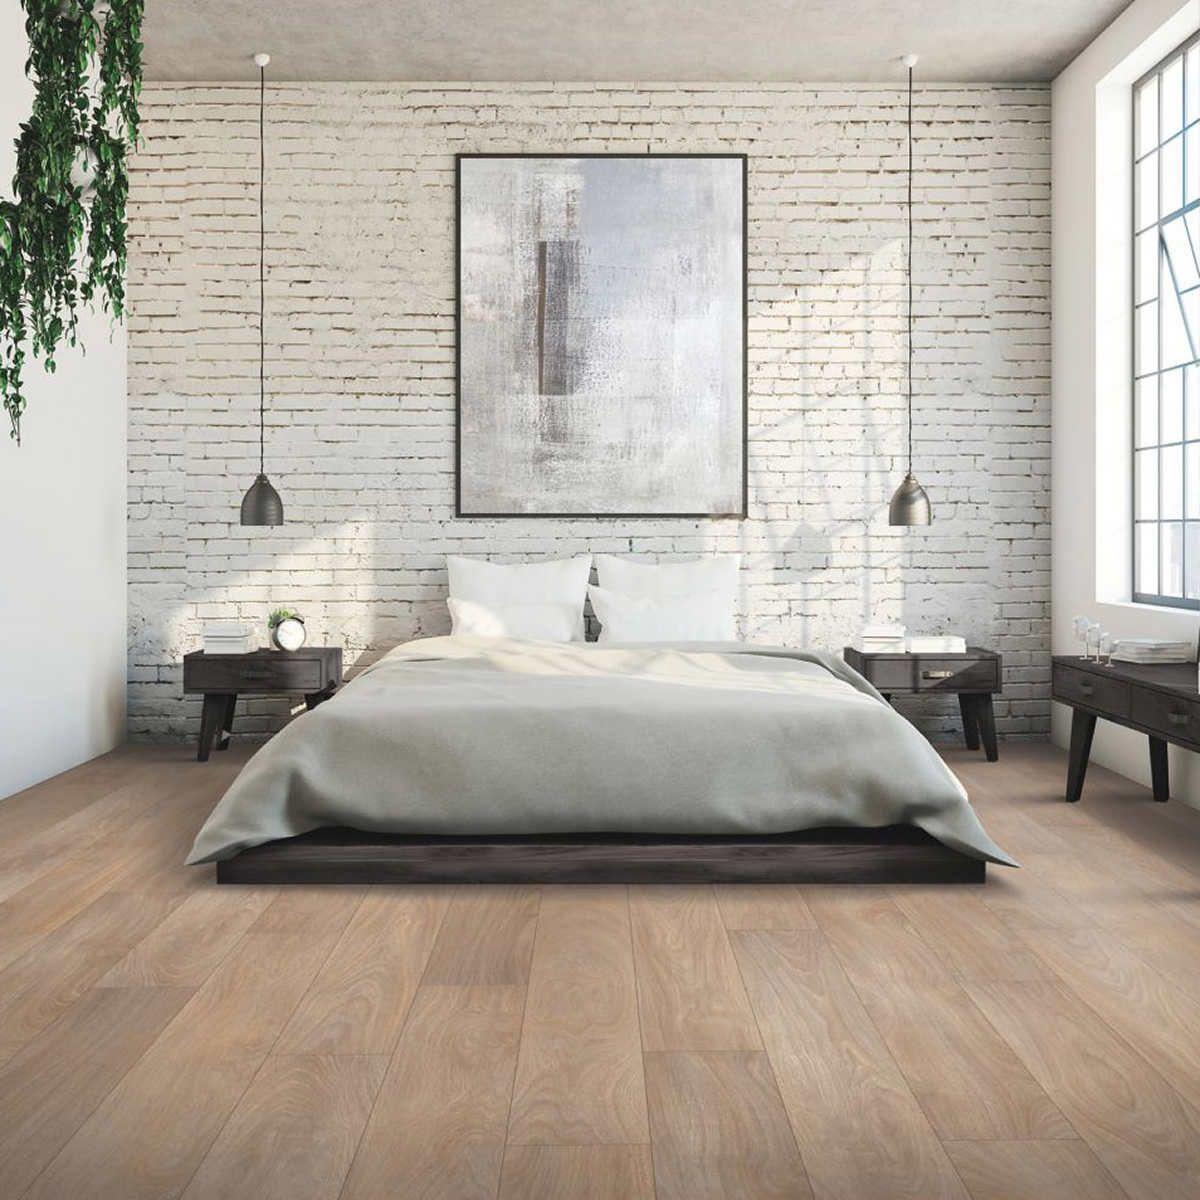 Mohawk Home Thistle Crest Oak Waterproof Rigid Luxury